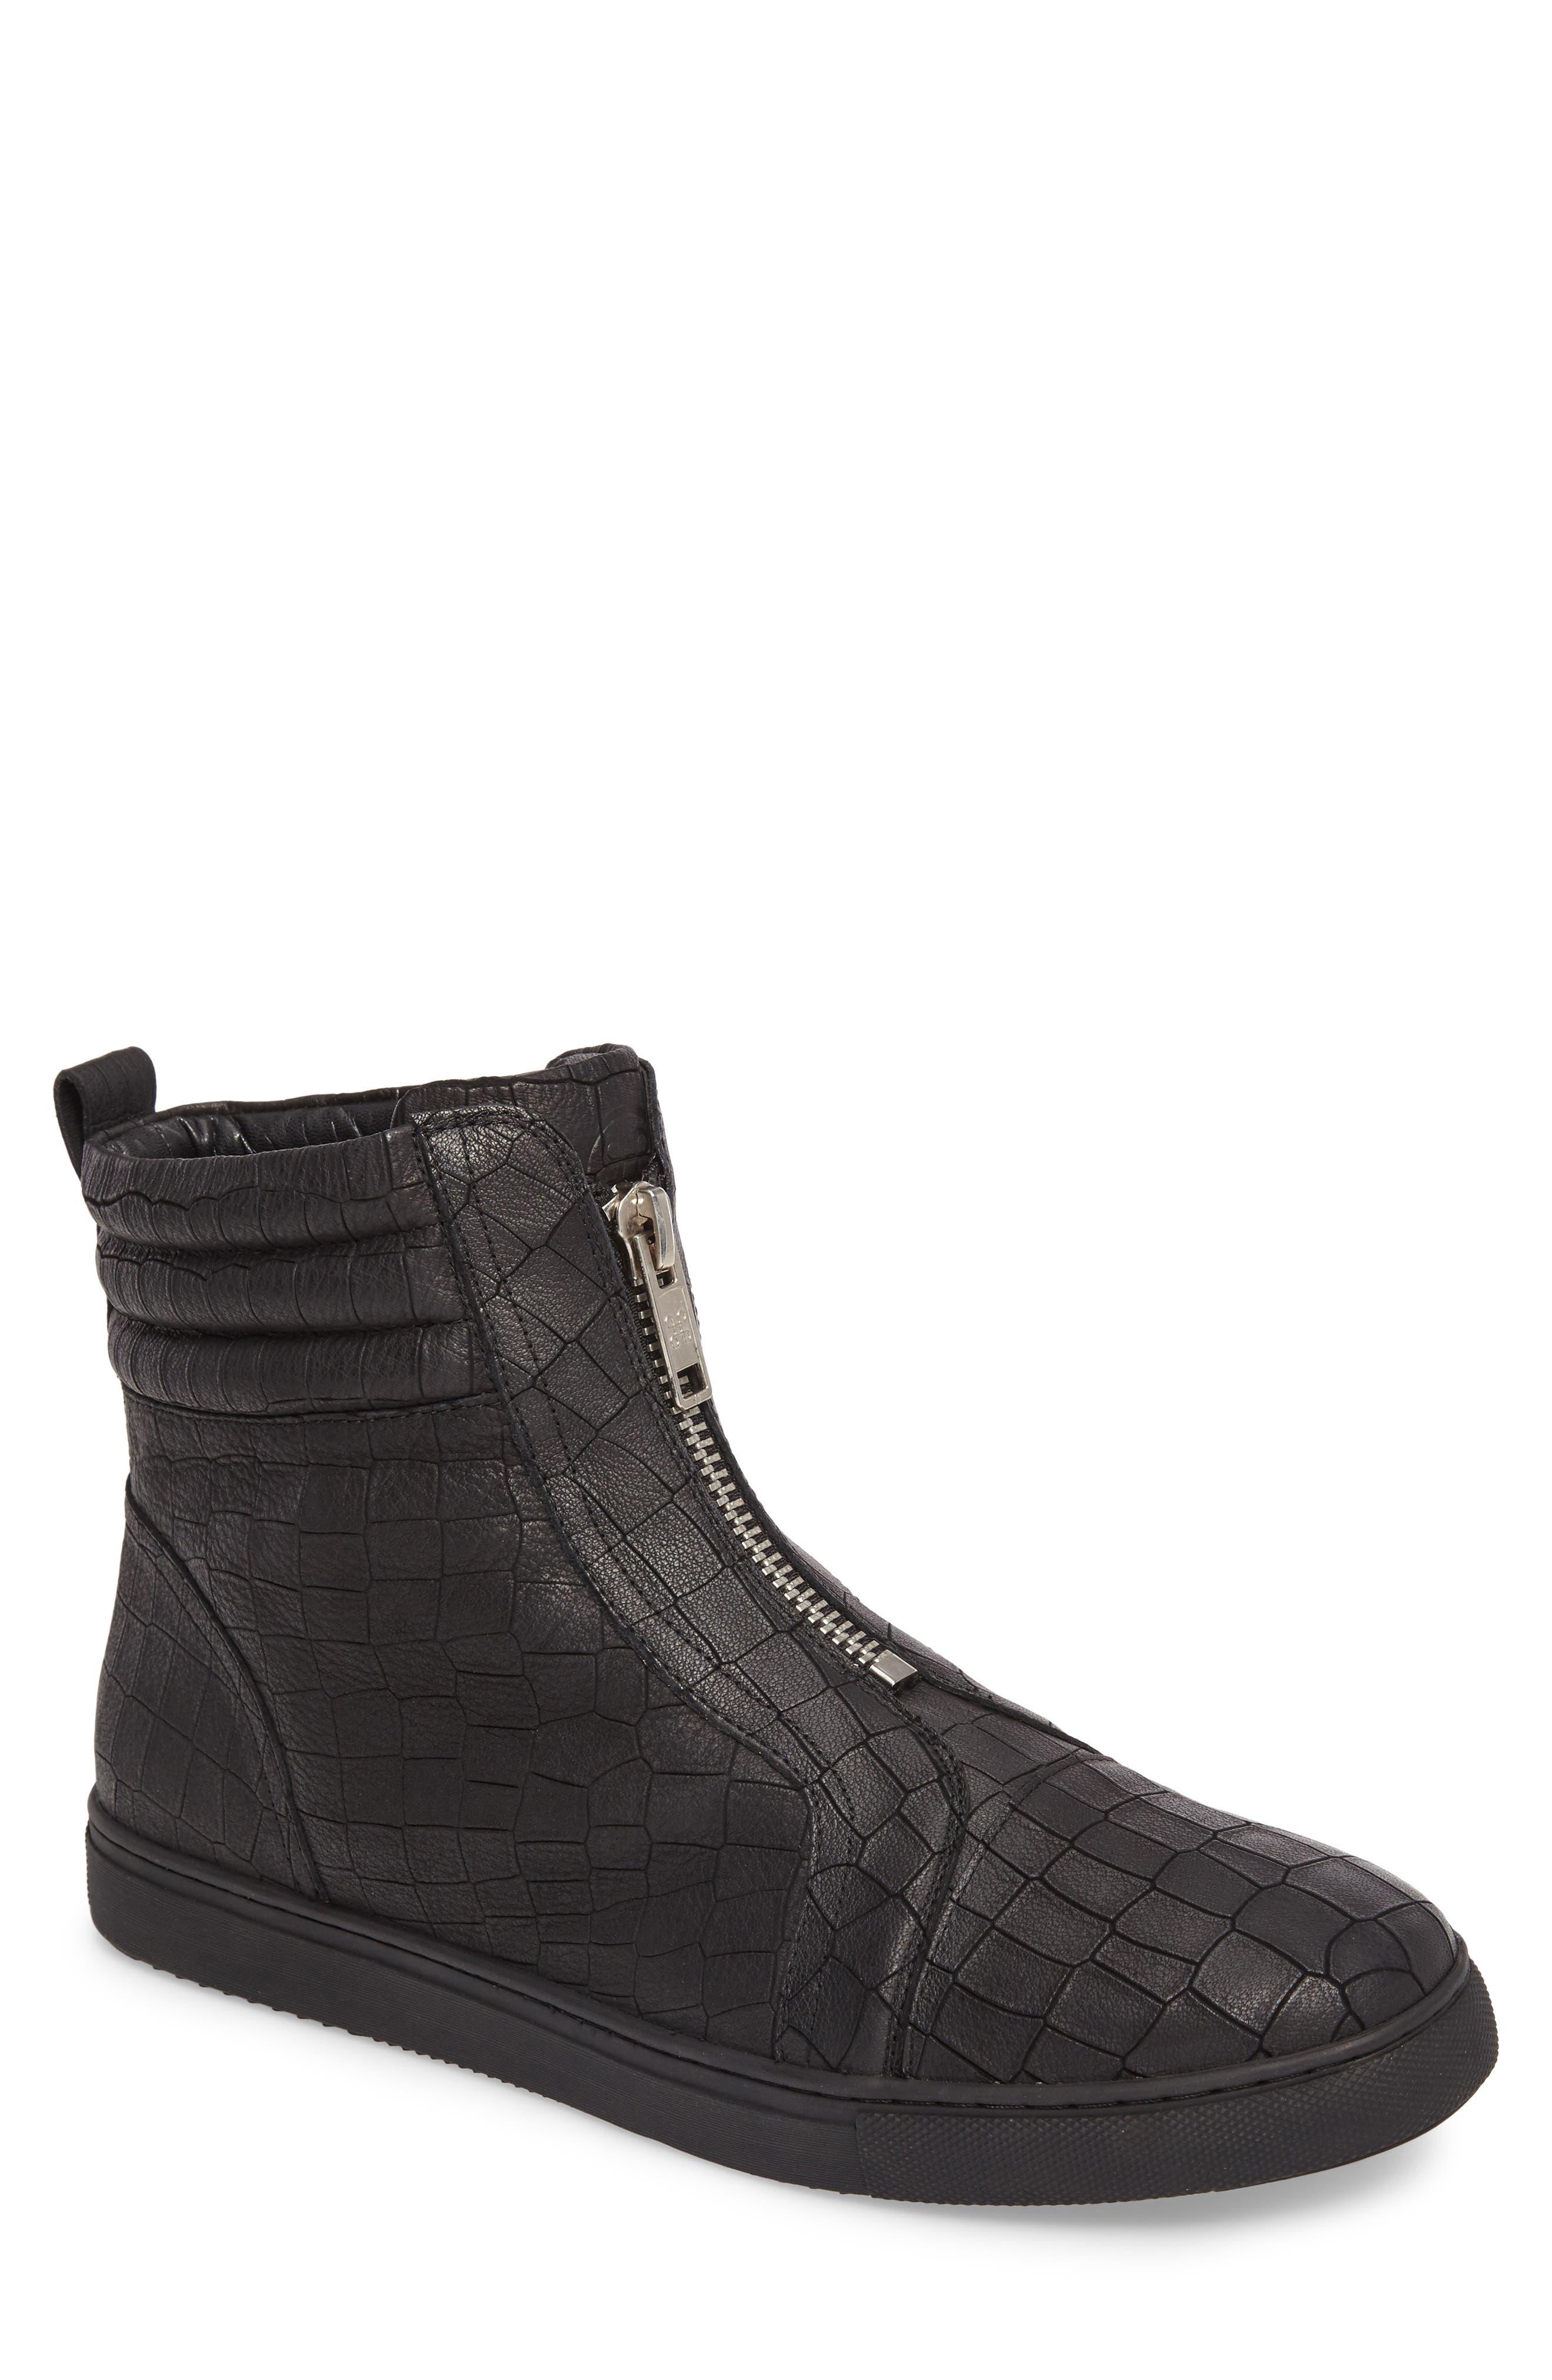 Hip & Bone Zip Boot,                         Main,                         color, Black Croc Leather